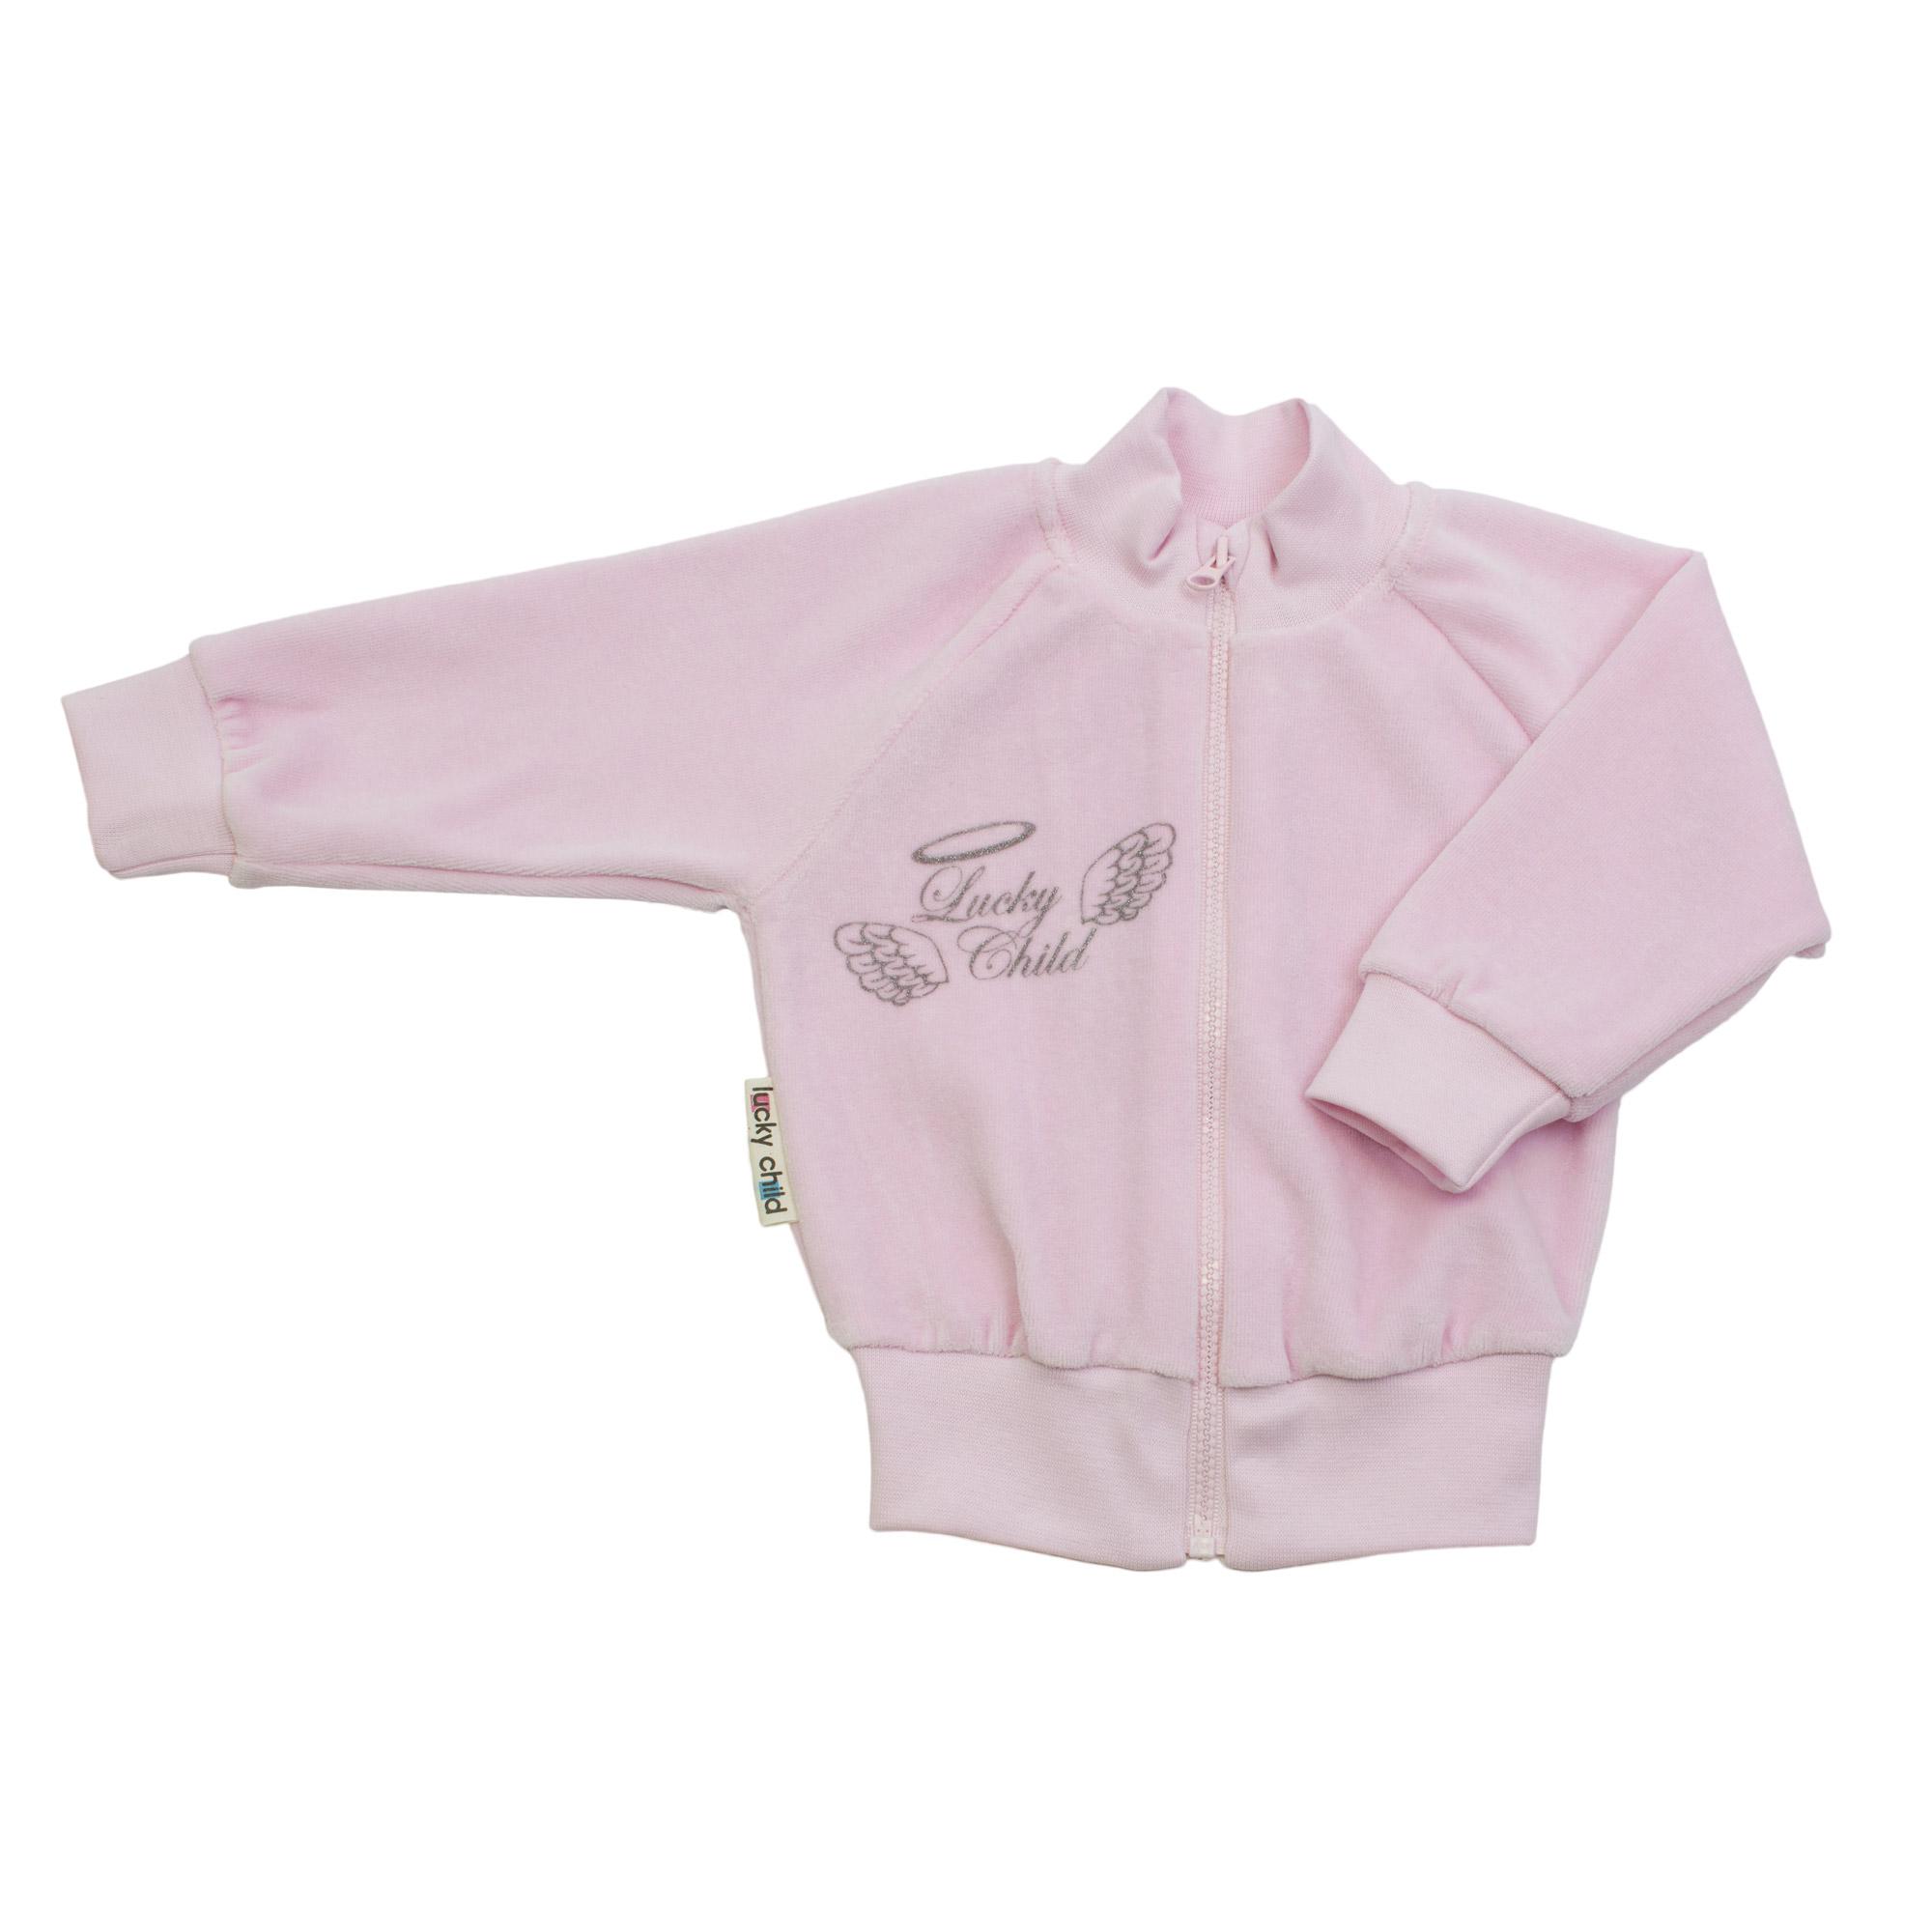 Купить Кофточка Lucky Child из велюра Ангелочки розовая 68-74, Розовый, Велюр, Осень-Зима, Одежда для новорожденных